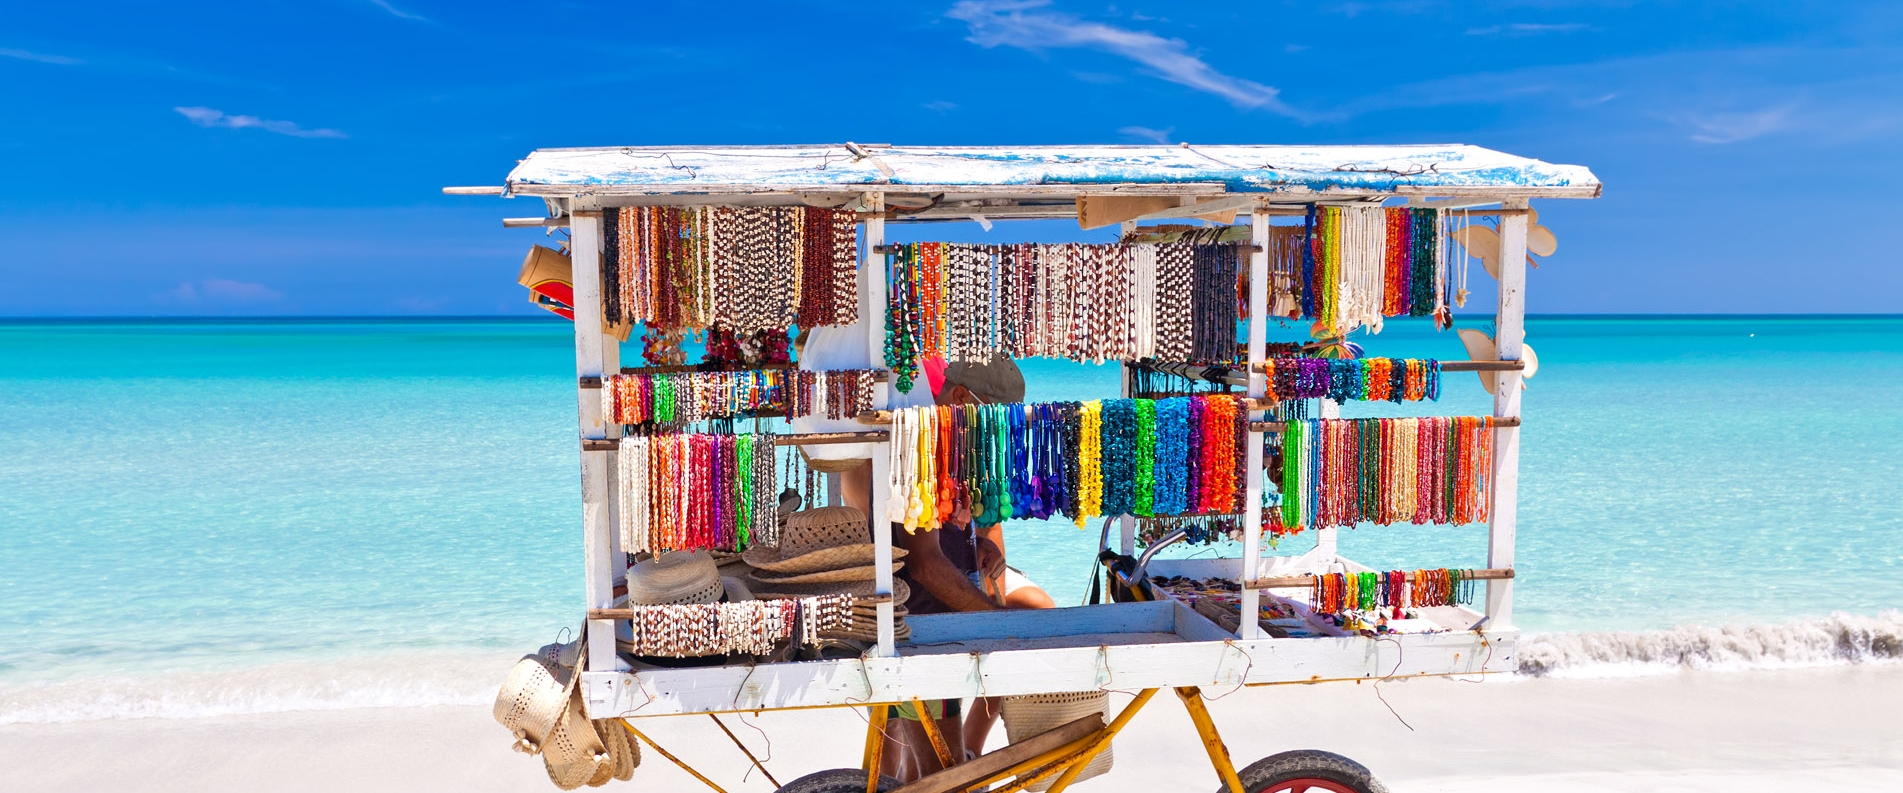 Топ-10 сувениров, которые можно привезти с Кипра